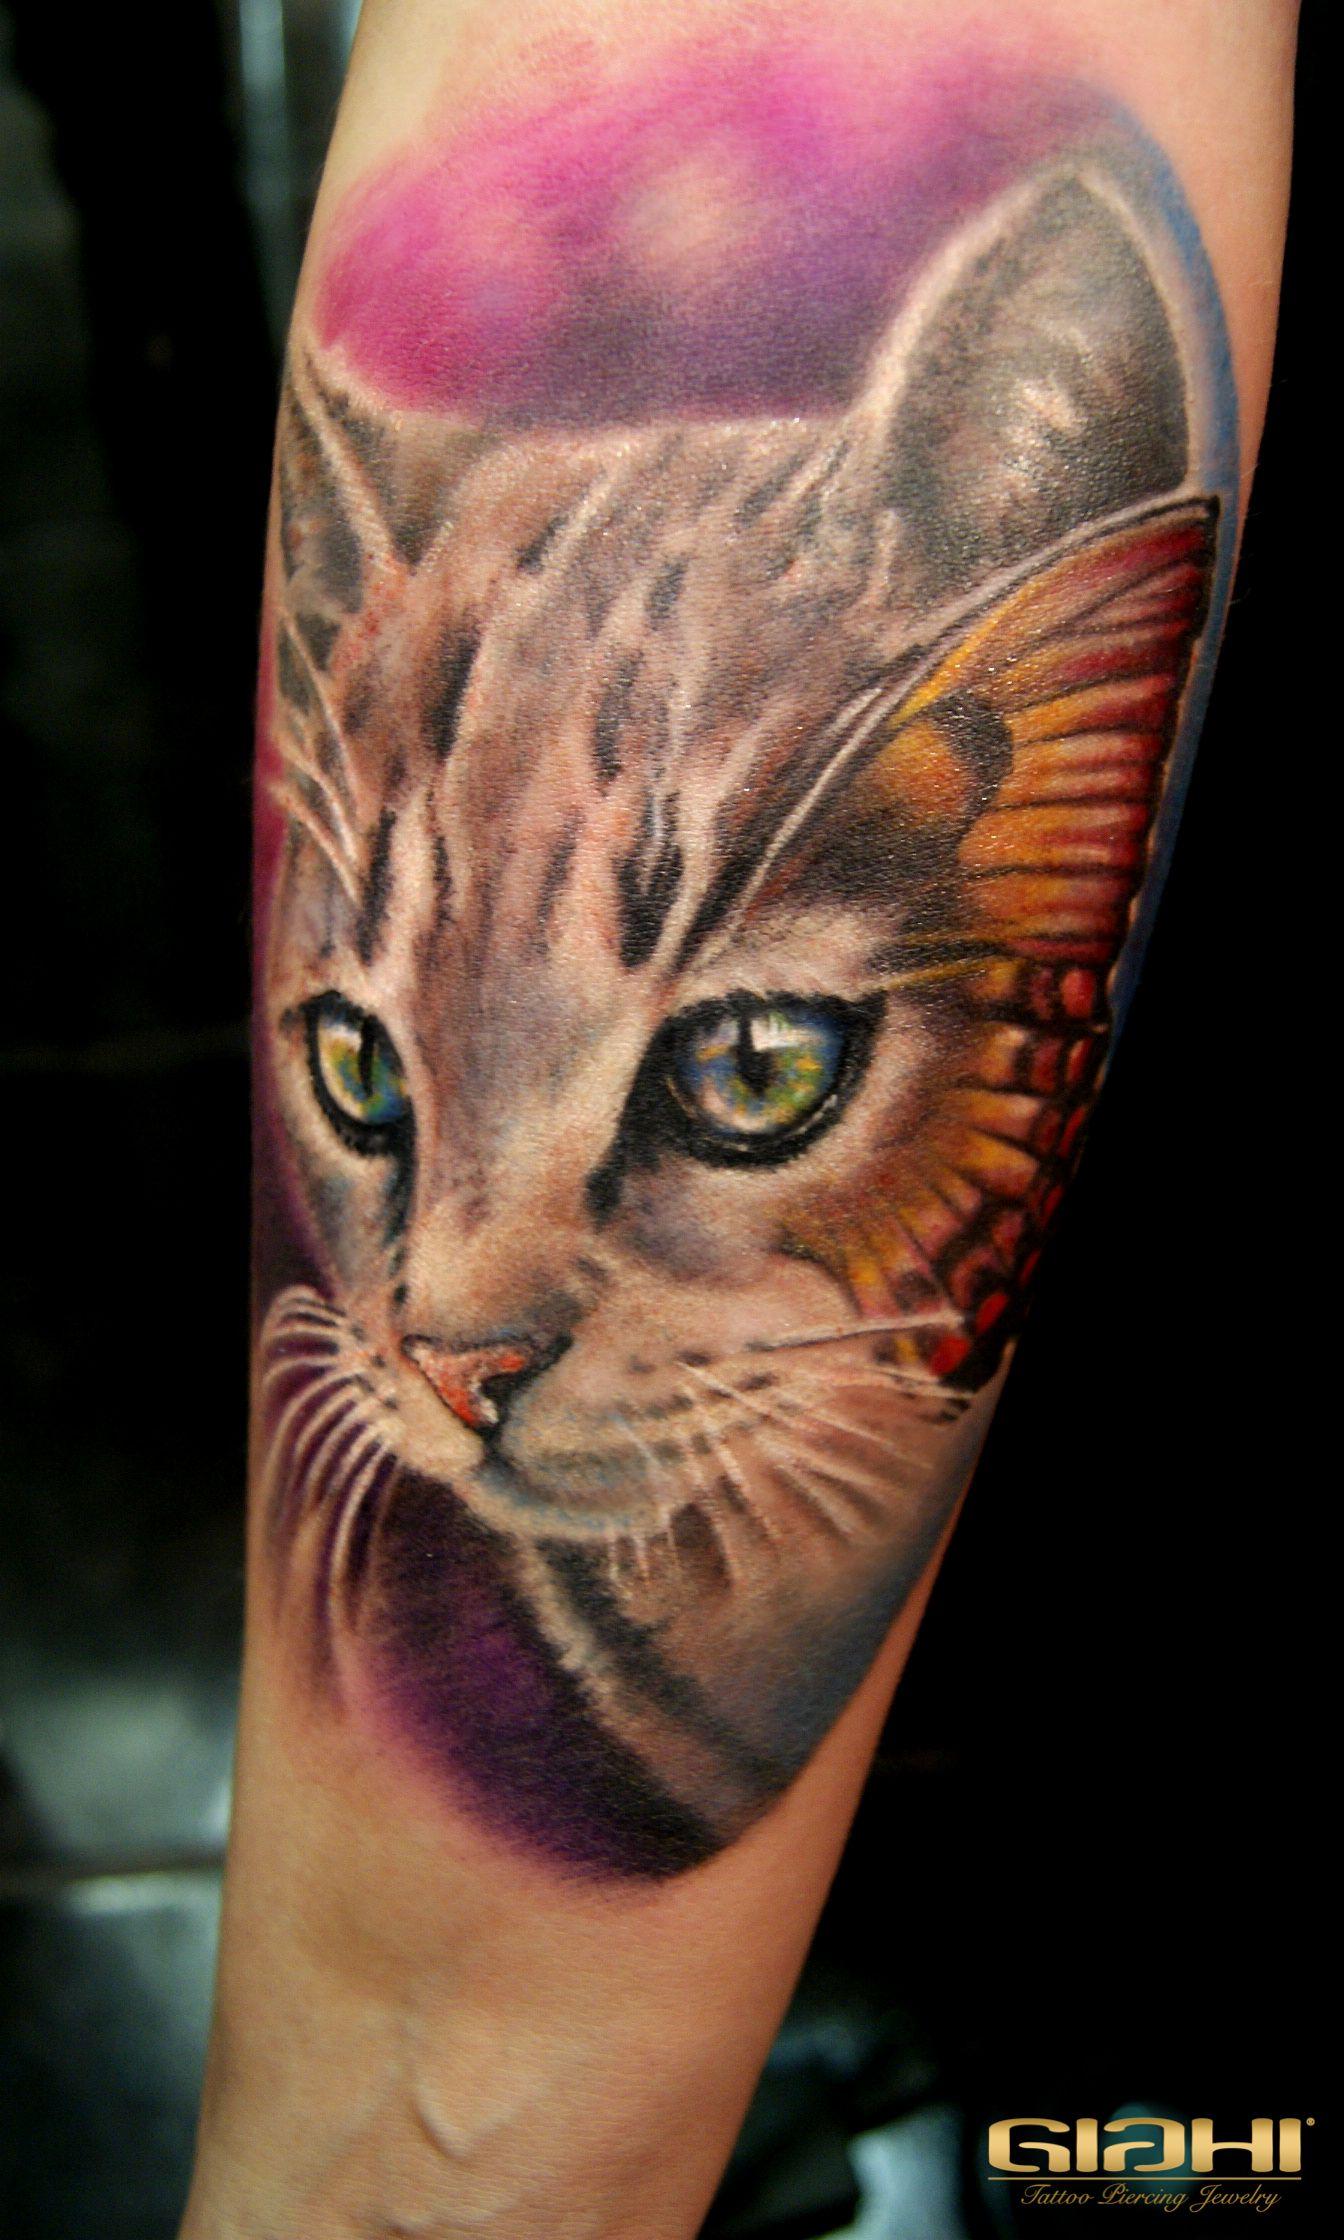 Tattoo background shading ideas color cat tattoo  tats  pinterest  tatting and tattoo